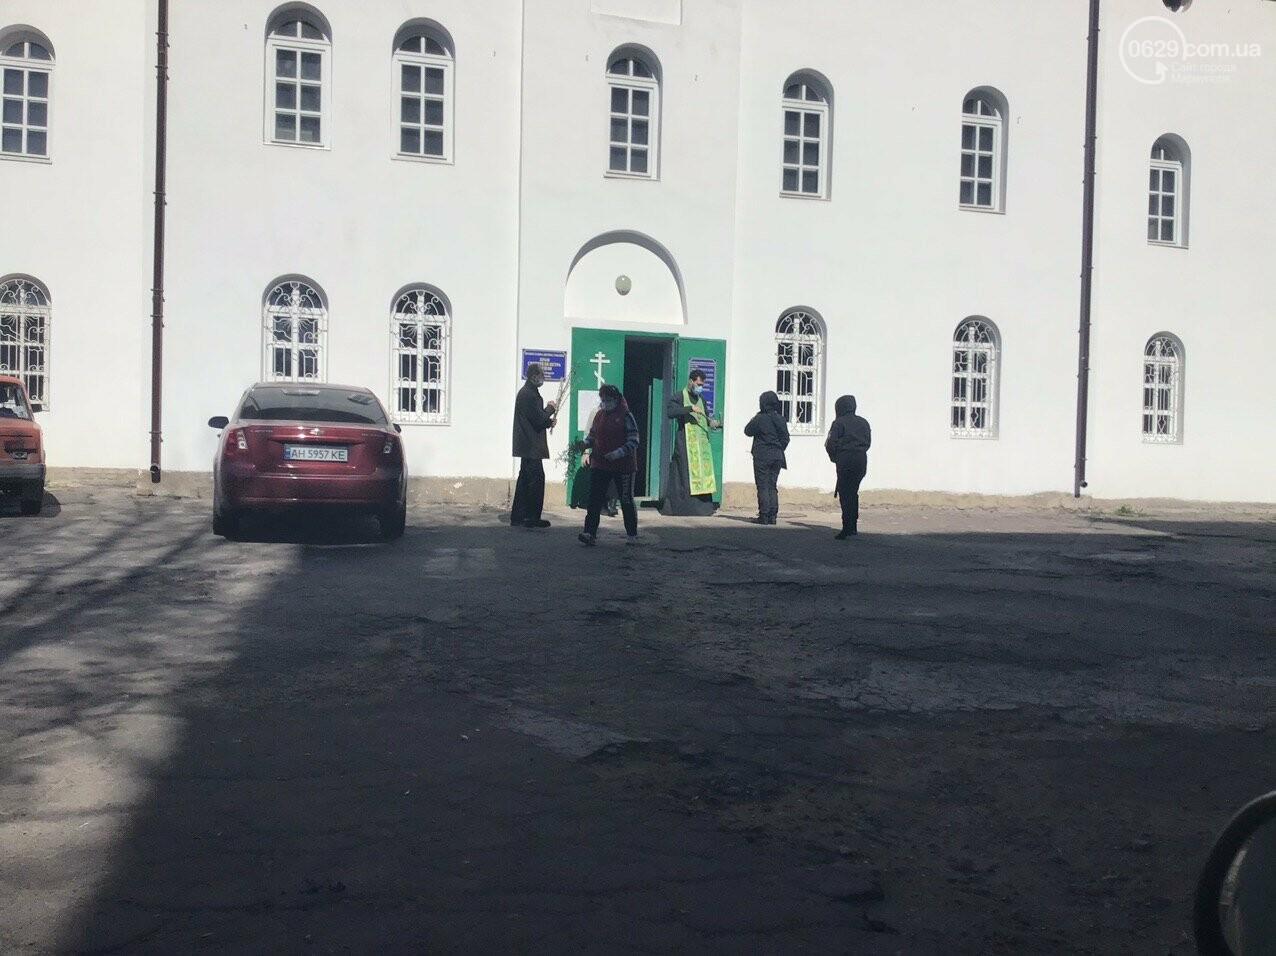 Вербное воскресенье в Мариуполе: как в храмах соблюдают карантин, - ФОТО, ВИДЕО, фото-1